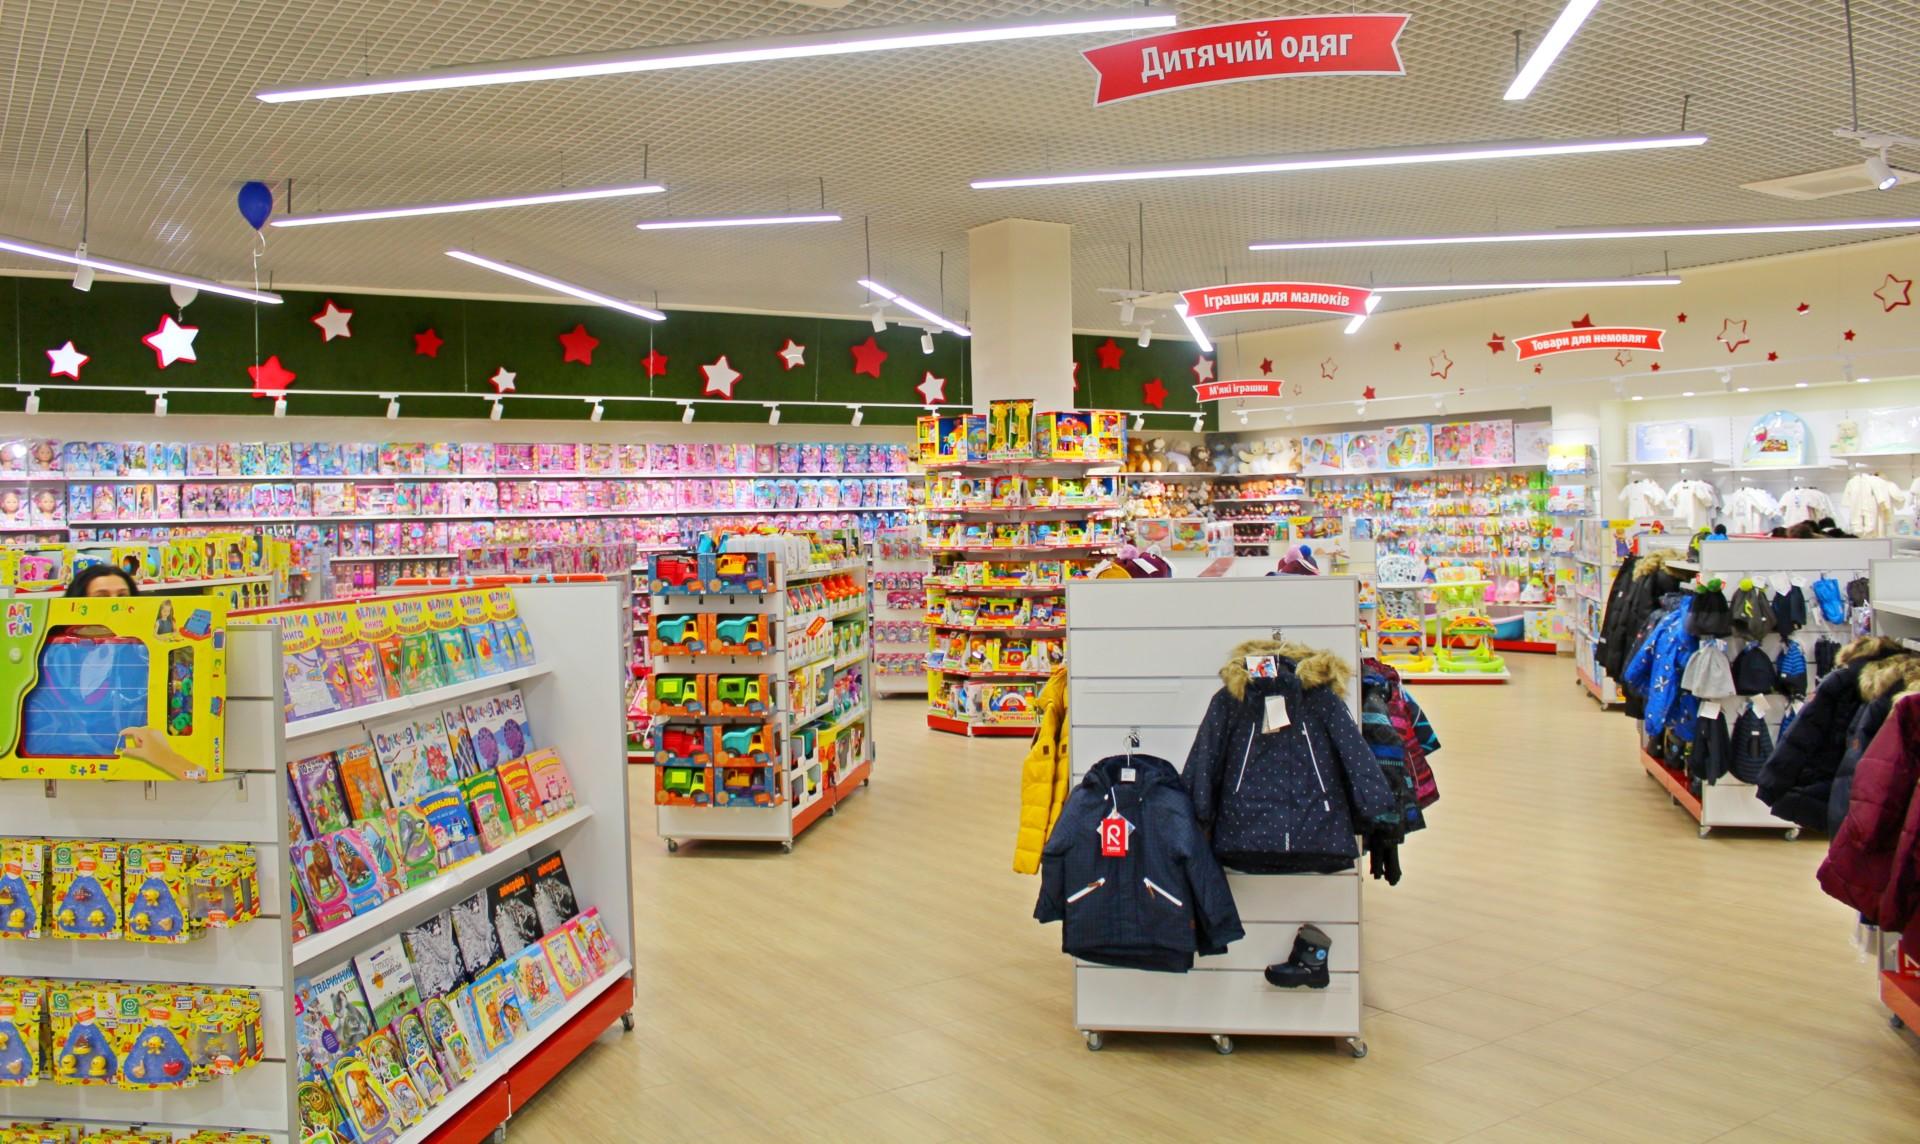 Что сейчас происходит в мире торговли игрушками – какие тренды  Какие  игрушки наиболее актуальны в этом году, что будет актуально в следующем  51c47afe4a3